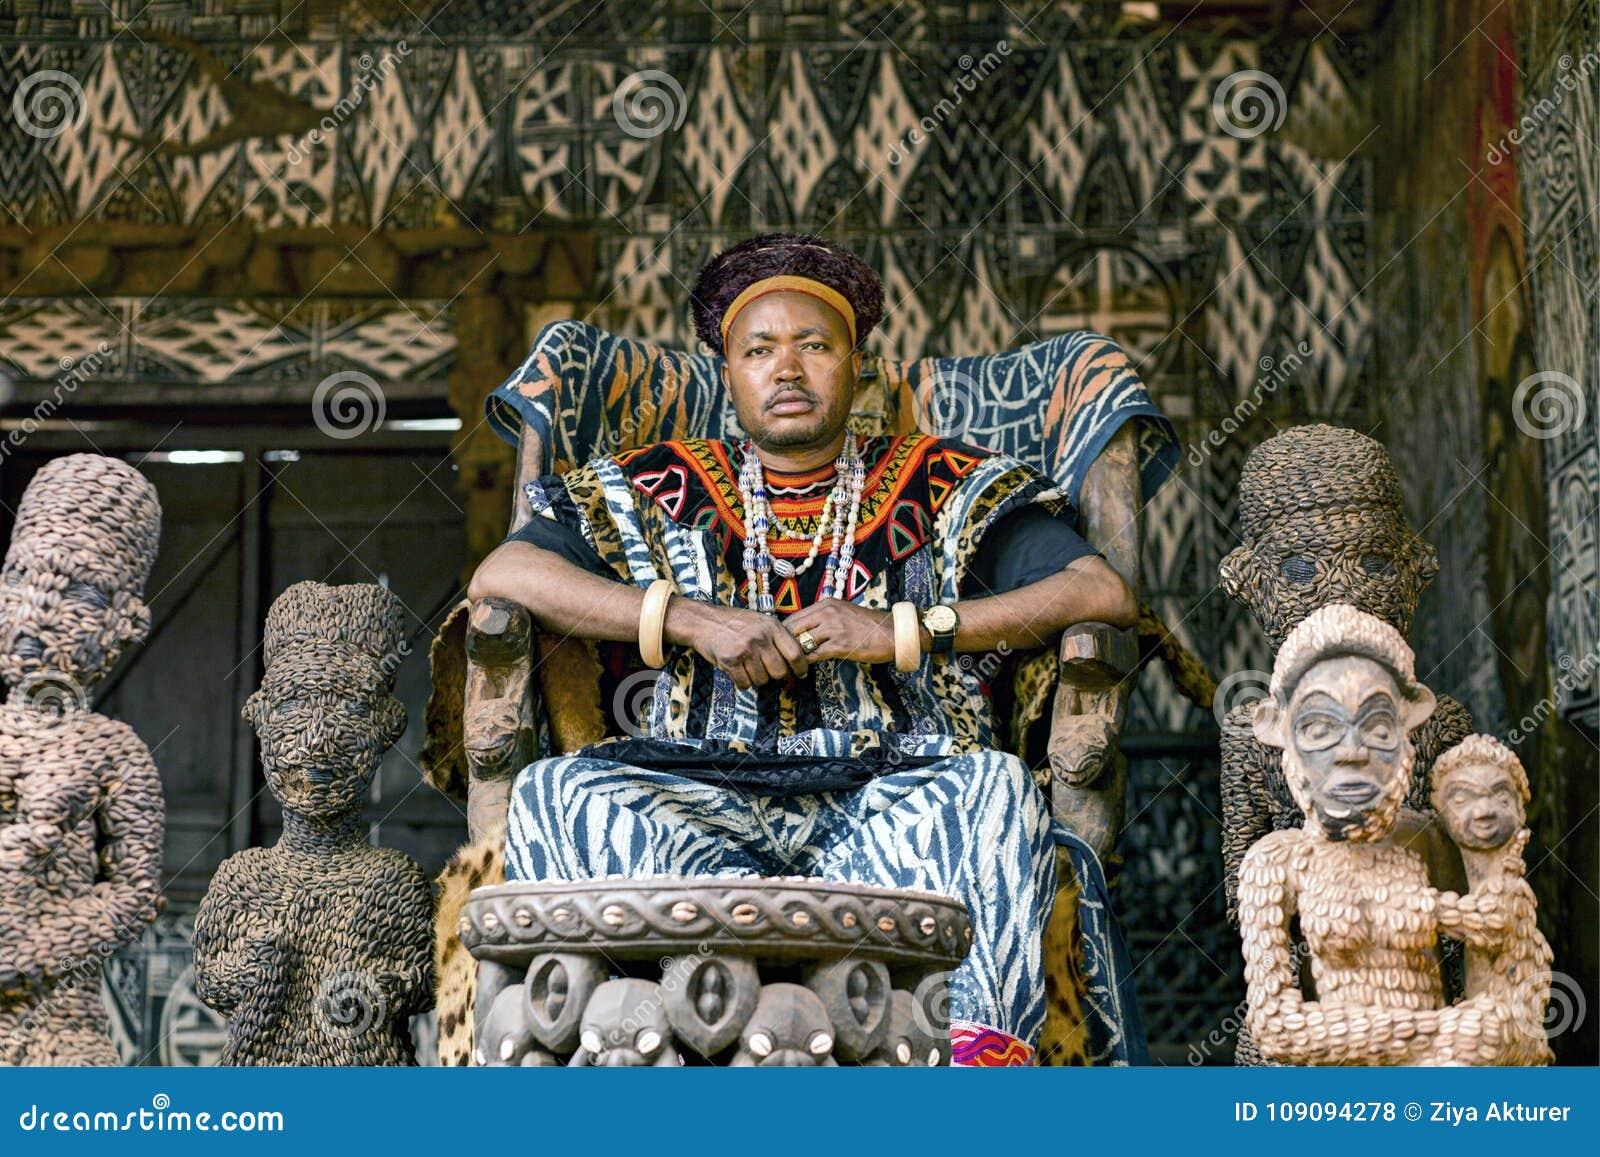 King of Babungo Kingdom, Ndofua Zofoa III